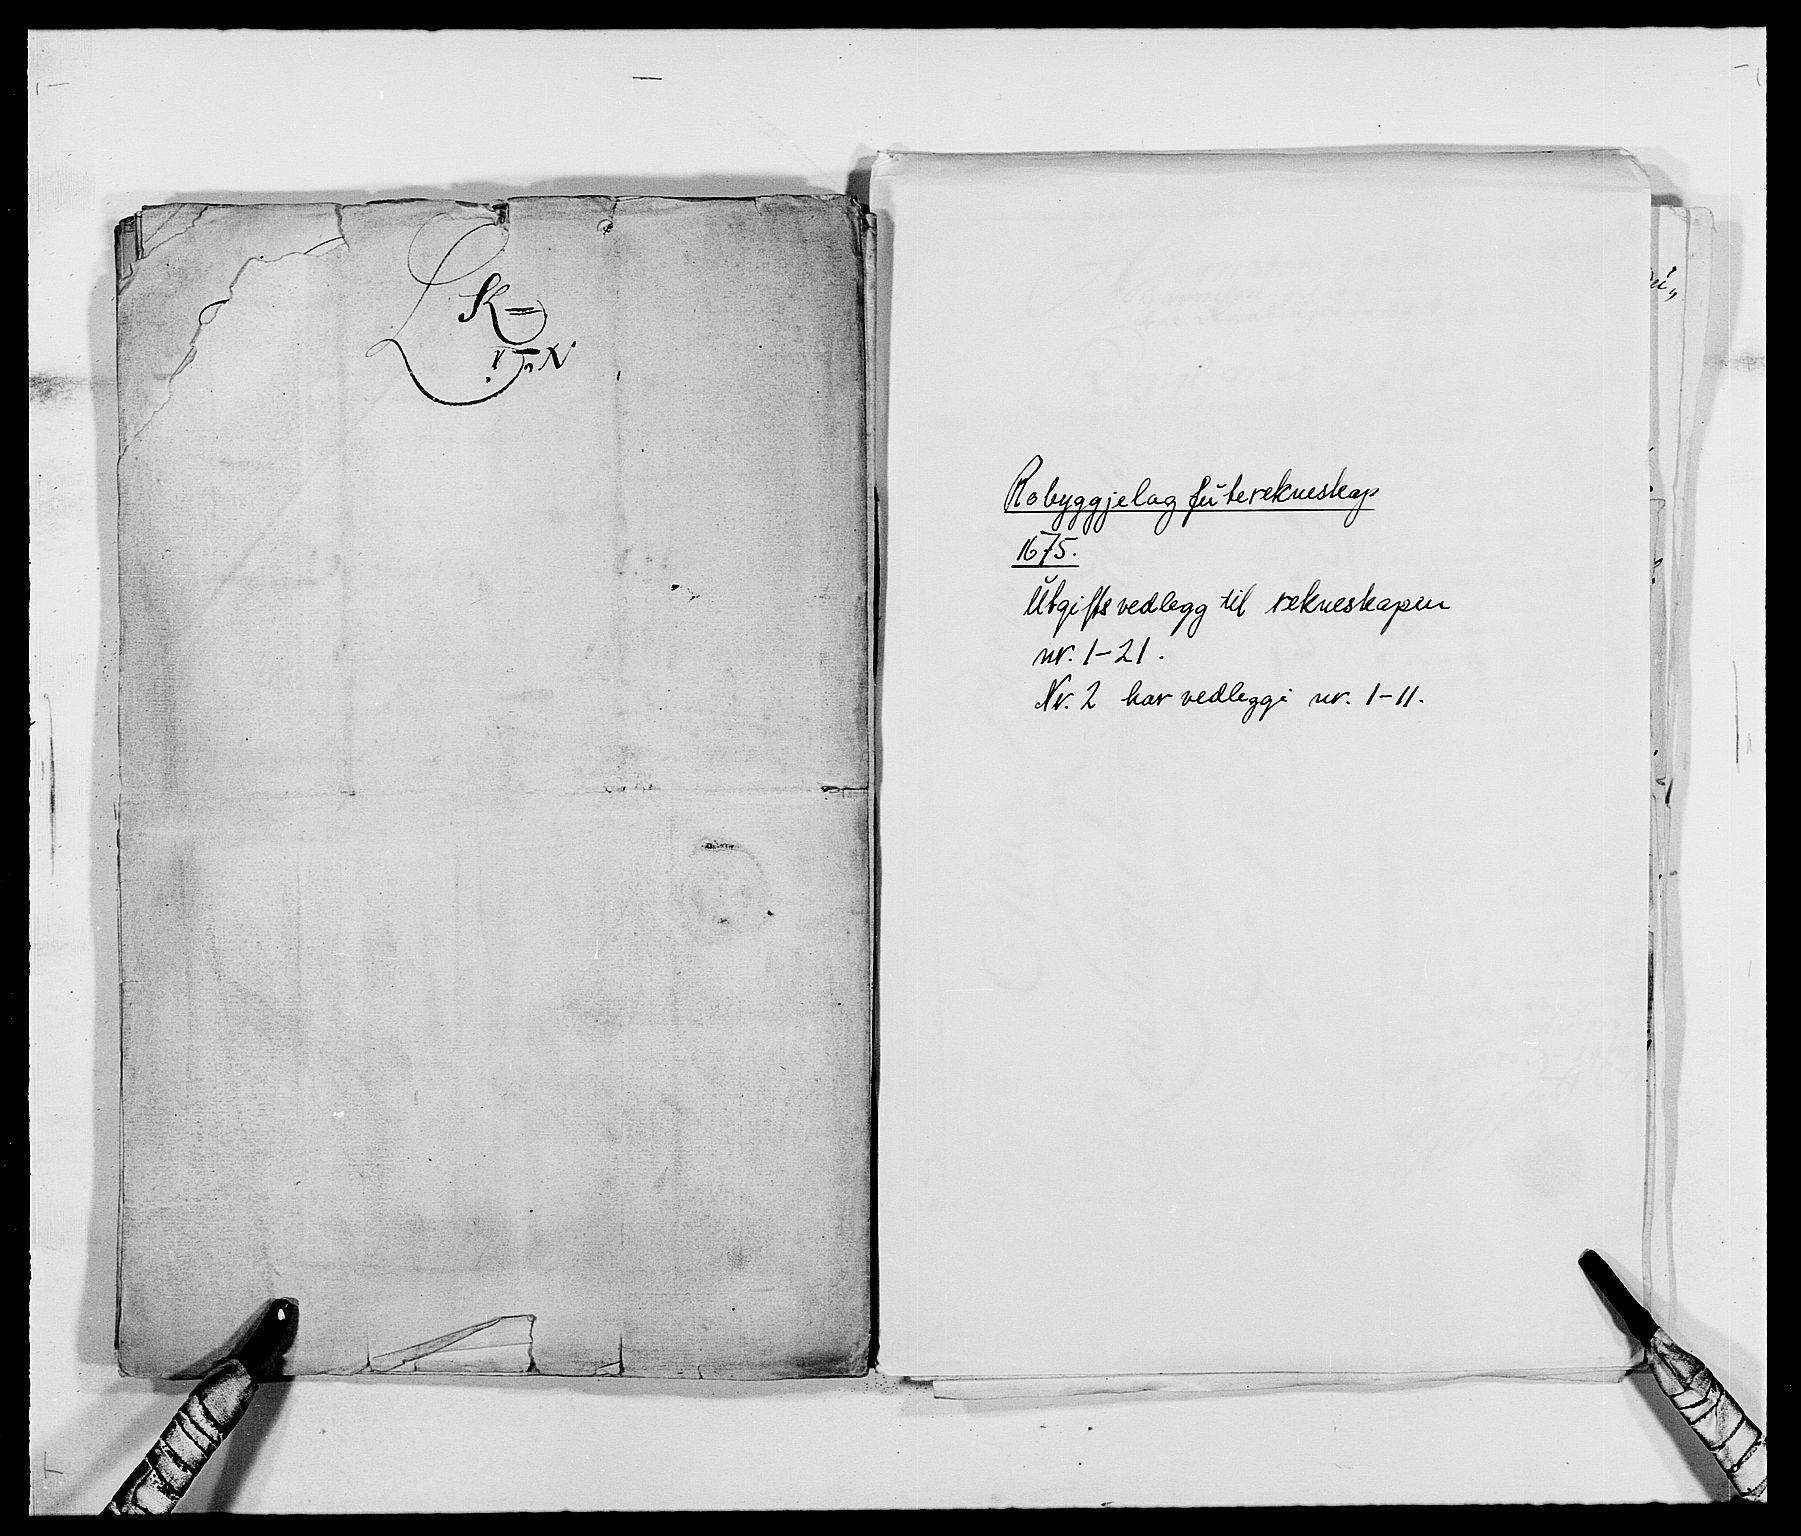 RA, Rentekammeret inntil 1814, Reviderte regnskaper, Fogderegnskap, R40/L2434: Fogderegnskap Råbyggelag, 1675-1676, s. 116